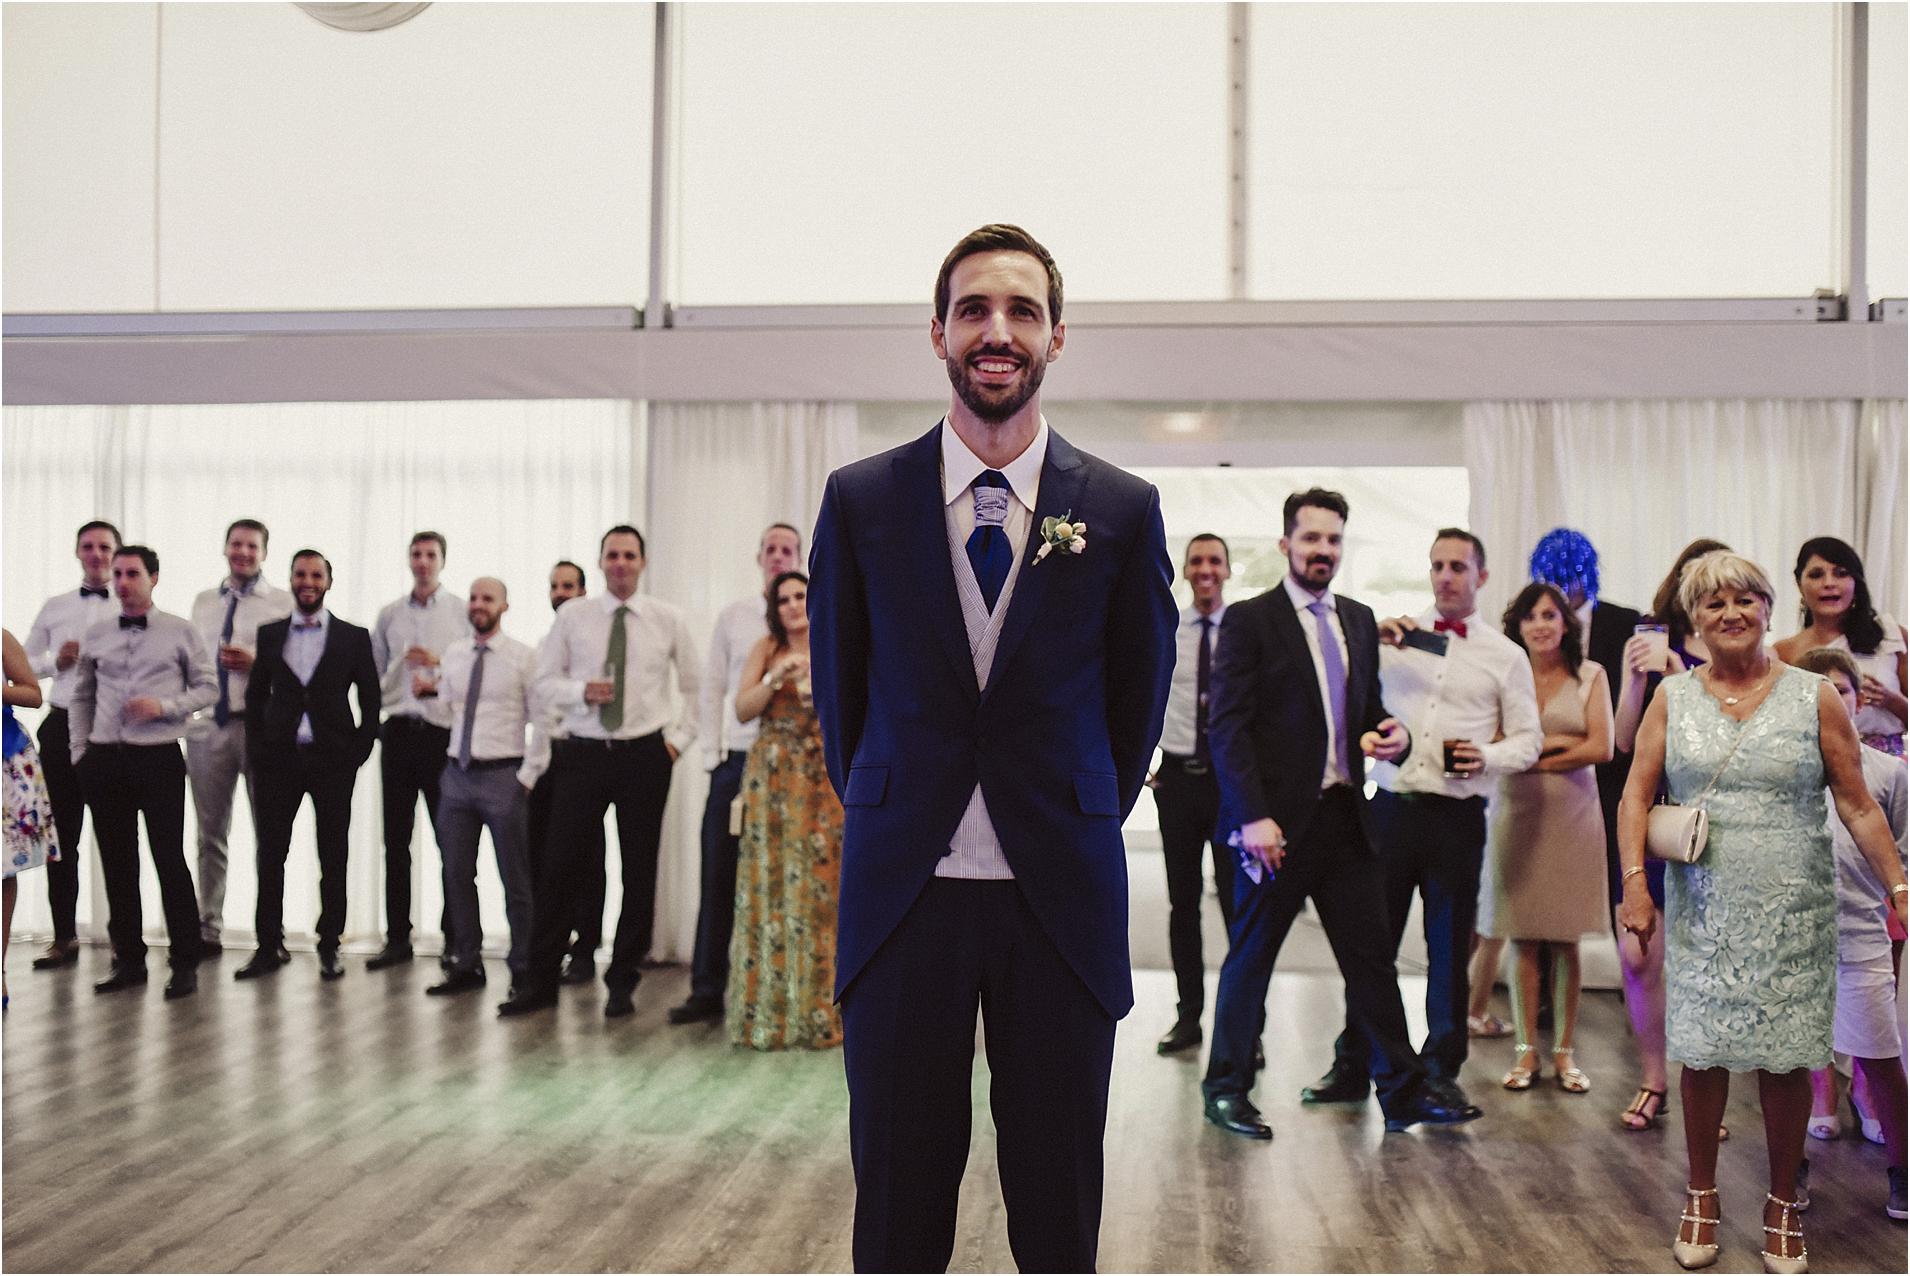 Fotografos-de-boda-donostia-zaragoza-san-sebastian-destination-wedding-photographer-102.jpg